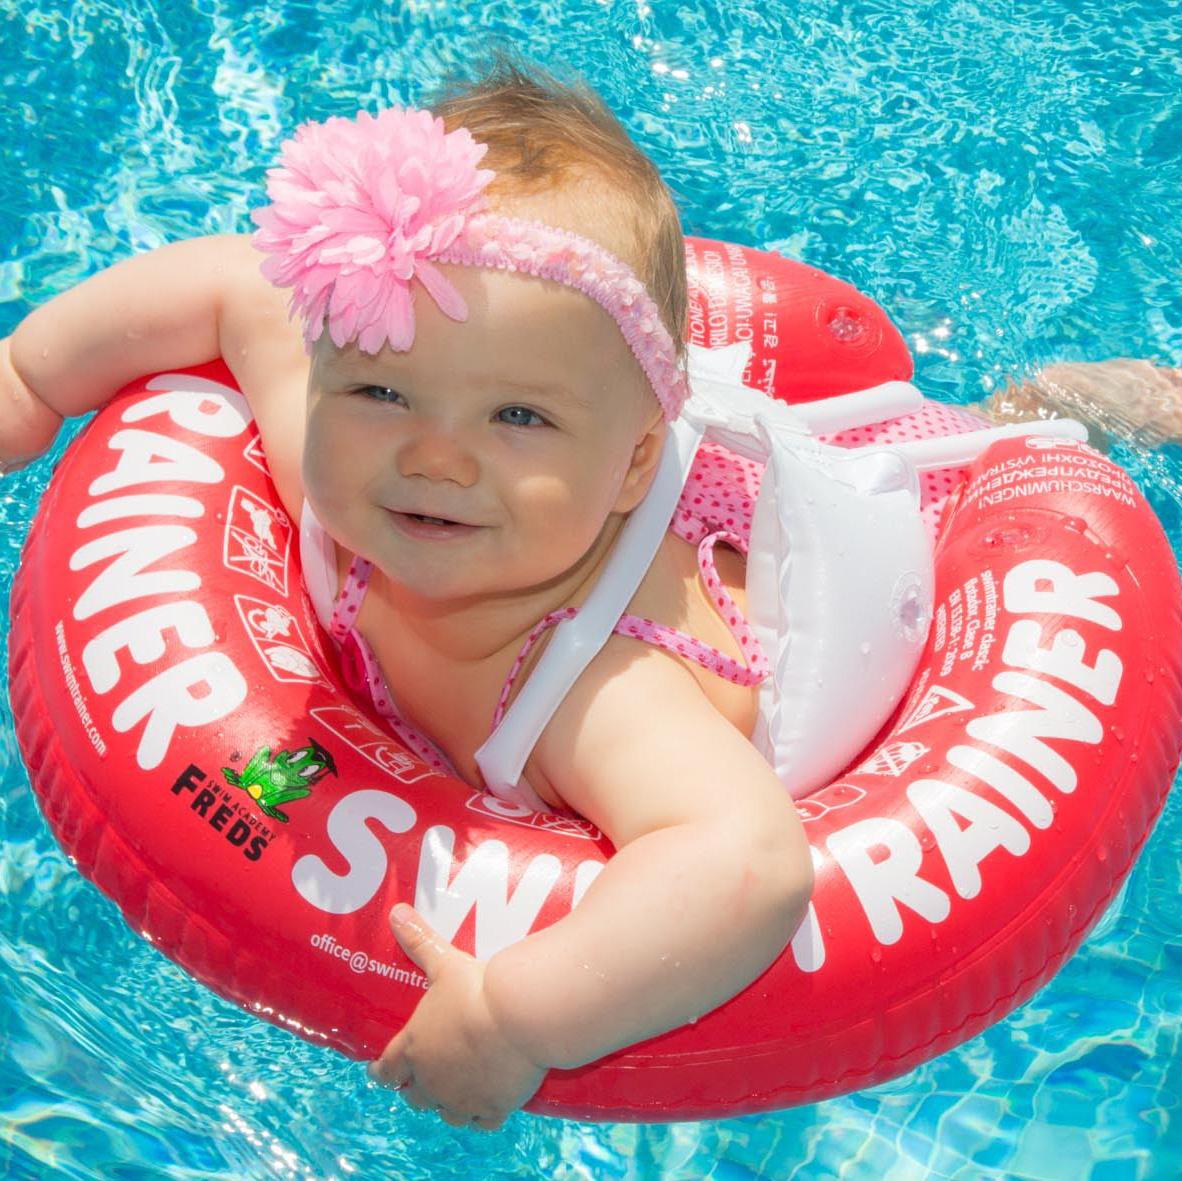 Swimtrainer Classic plavací kruh pro miminka barva: červený (3 měsíce-4 roky),6-18kg